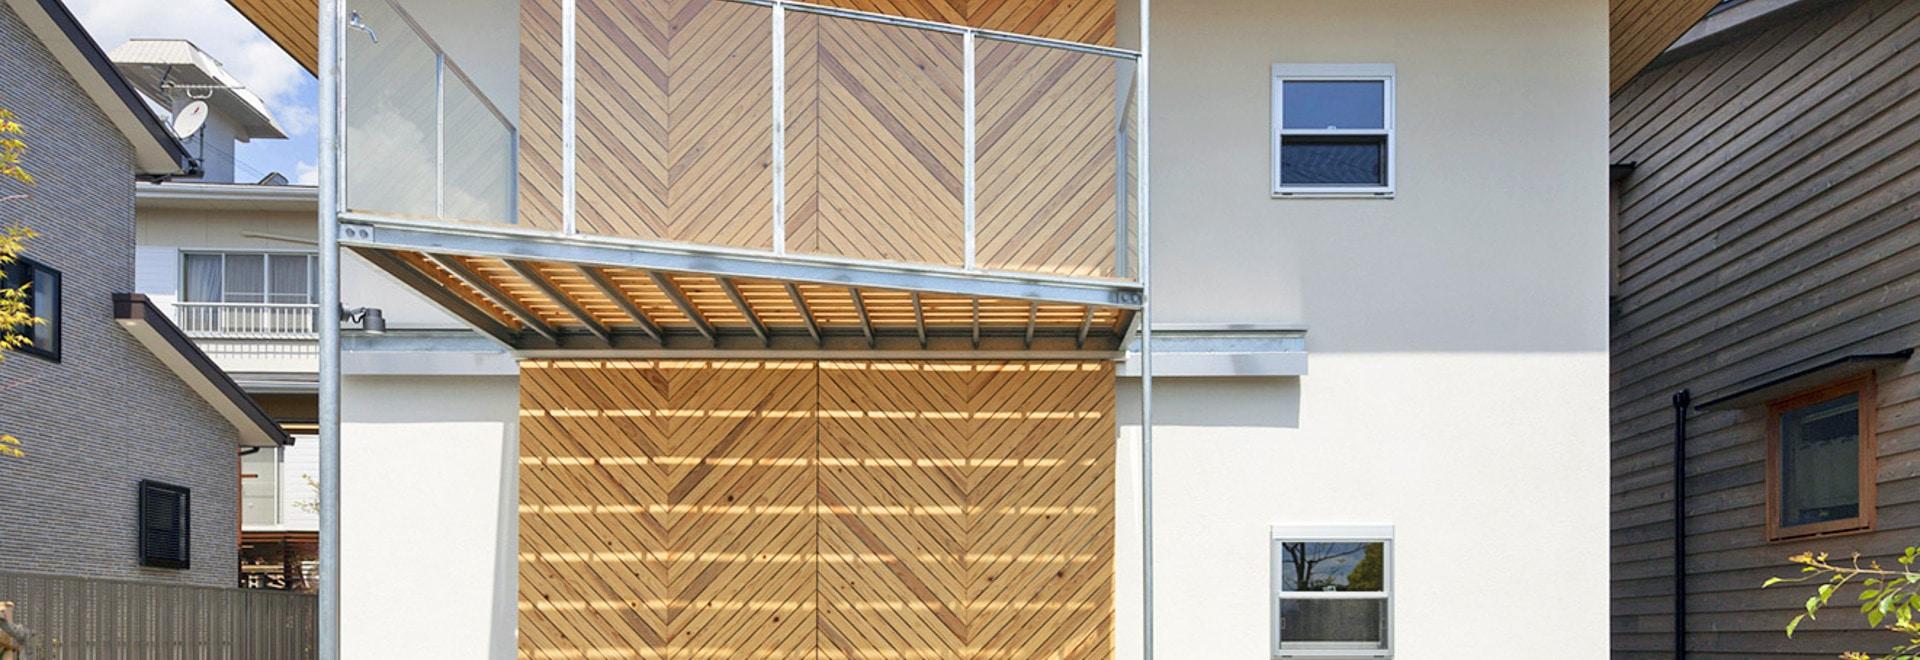 Wonderful Japanisches Haus Verwendet Hölzernes Materielles Stärkeres Als Stahl, Um  Naturkatastrophen Zu Bekämpfen